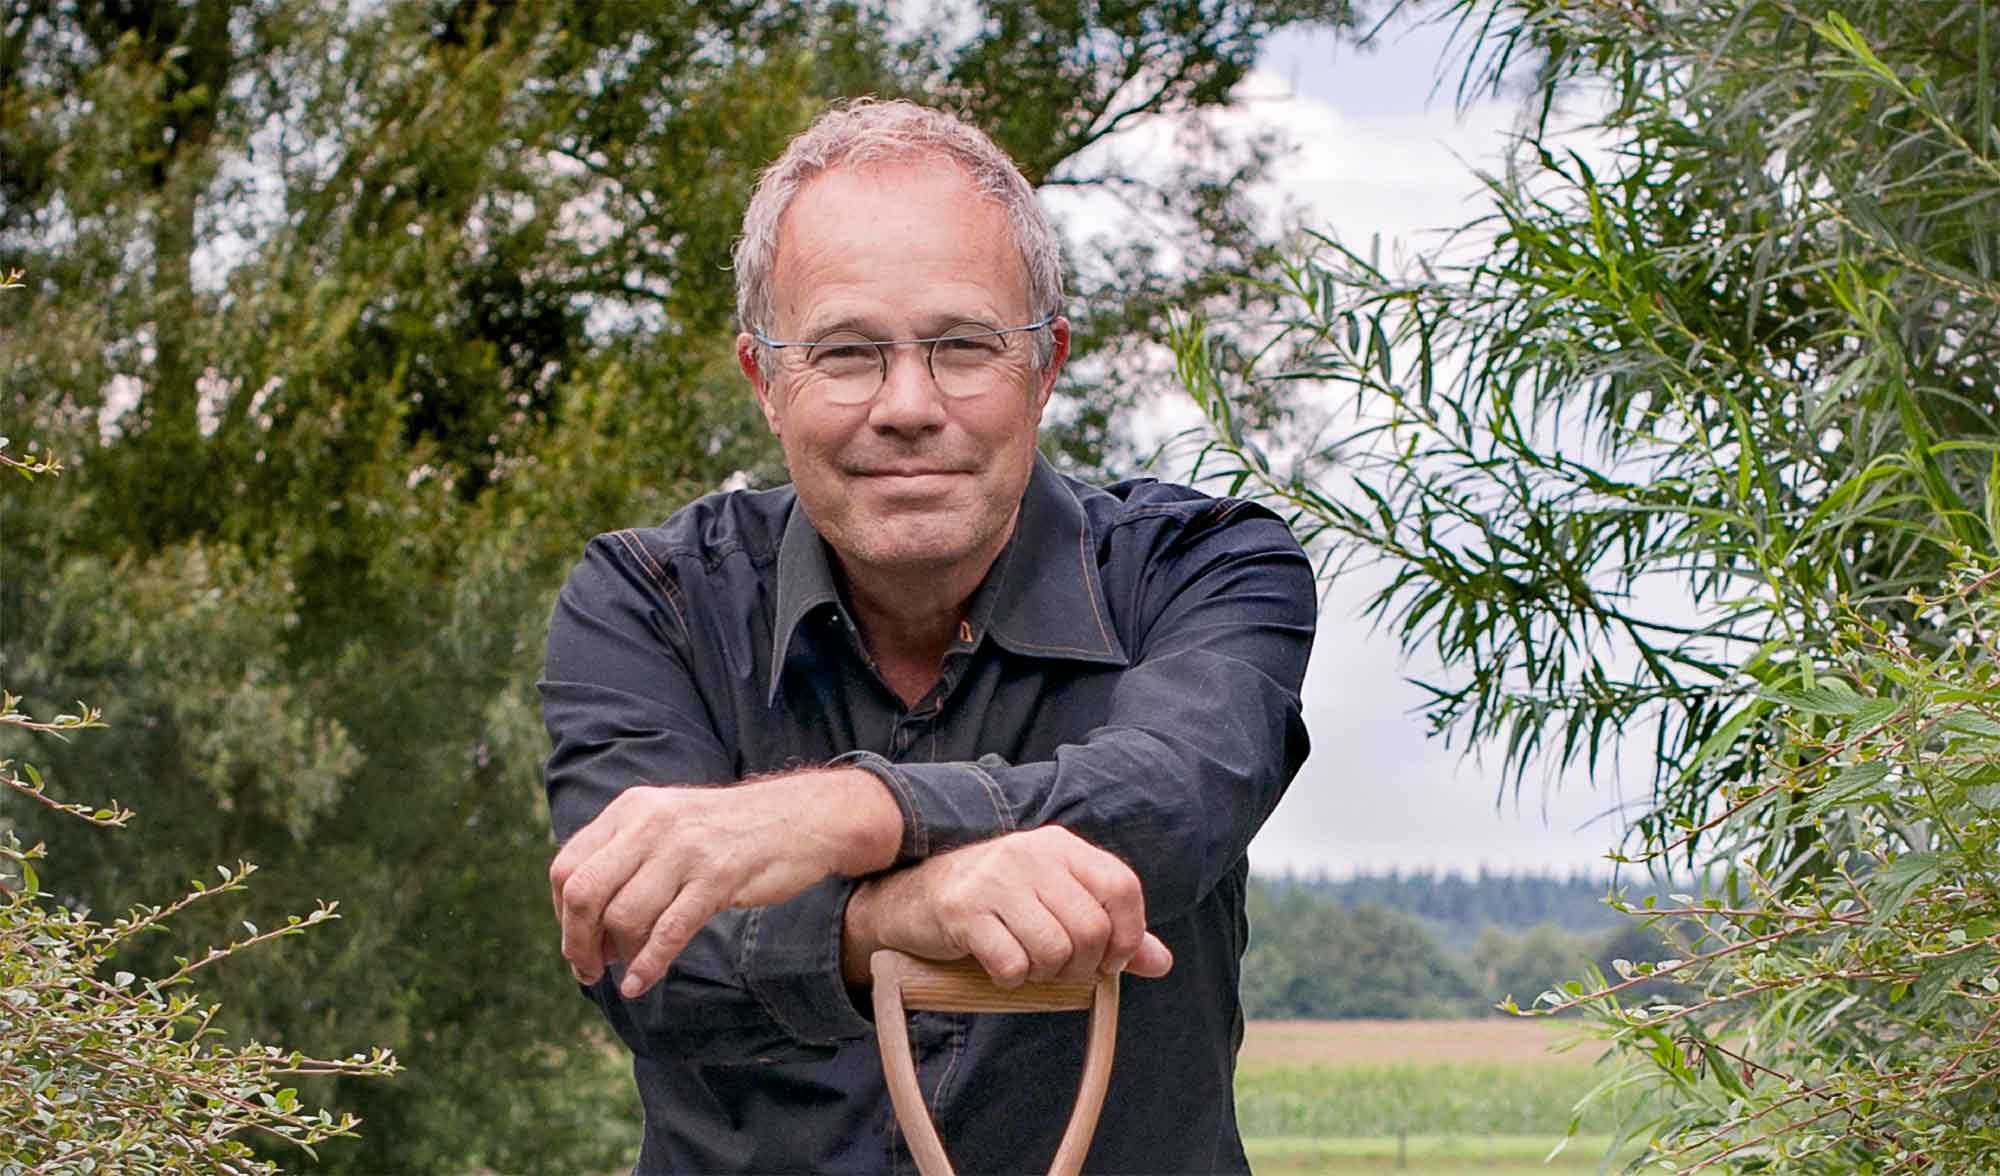 frank fritschy garden designer in zijn tuin in viller